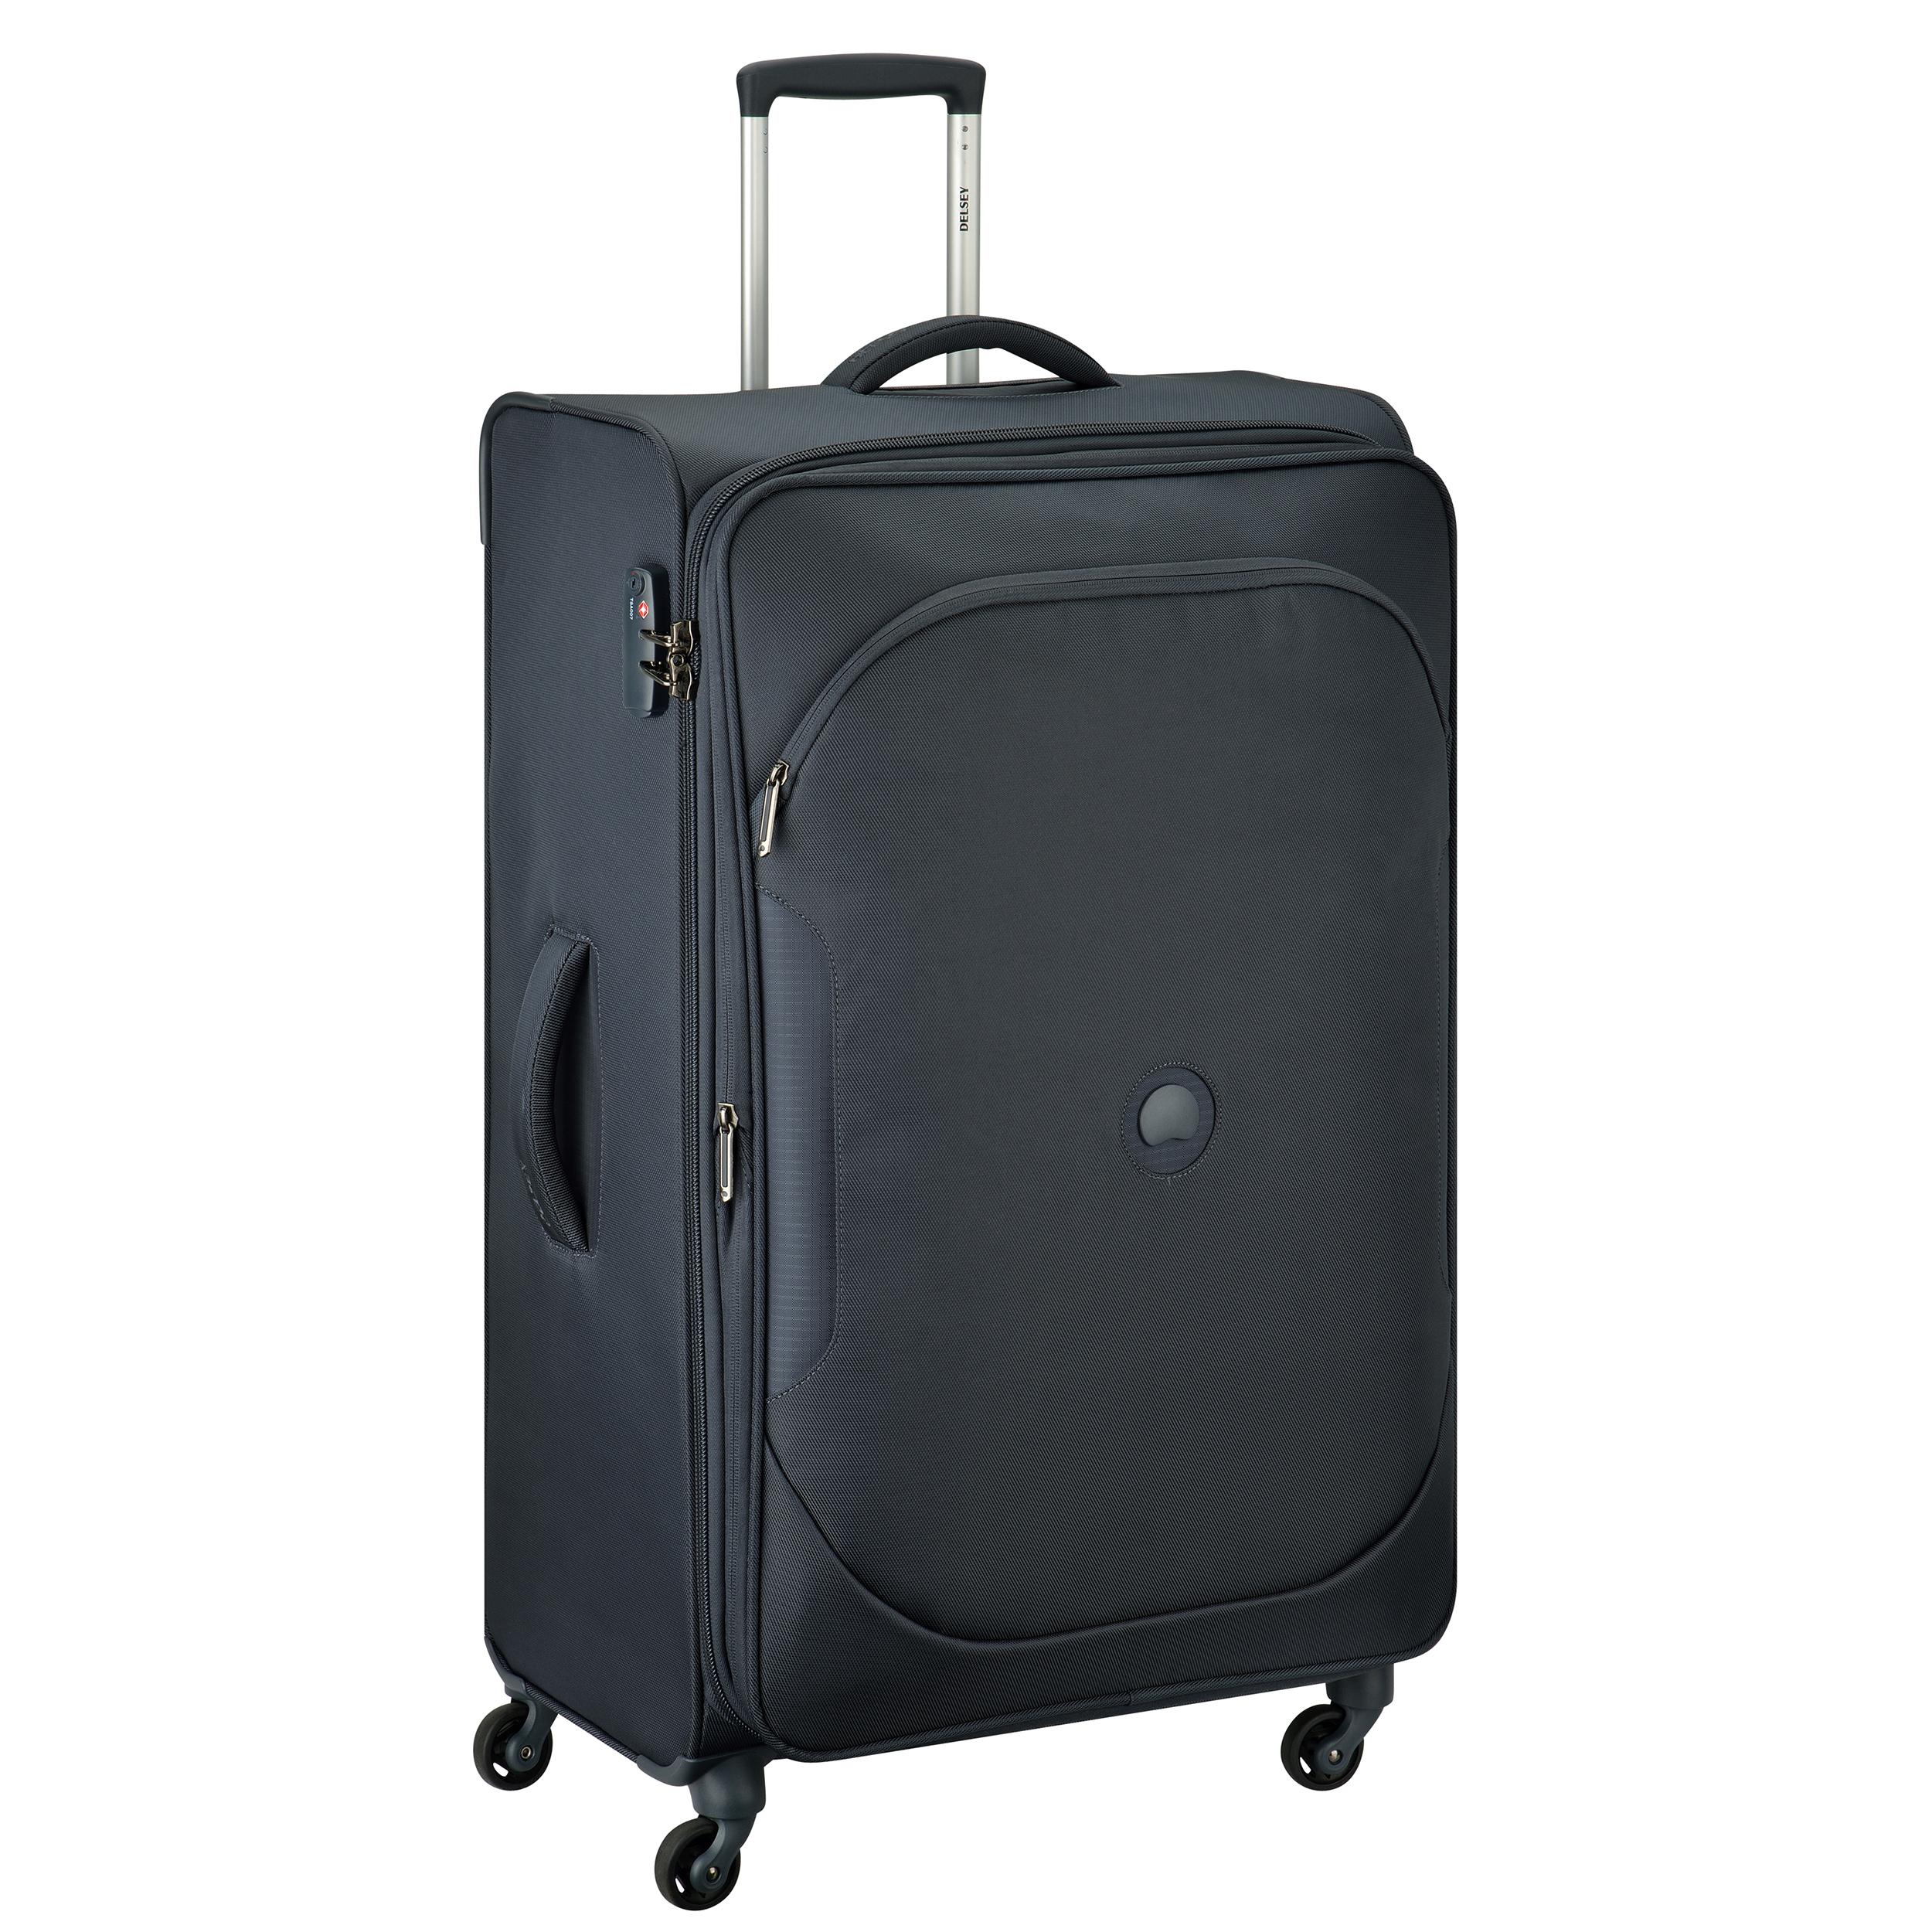 چمدان دلسی مدل ULITE CLASSIC 2 کد 3246821 سایز بزرگ